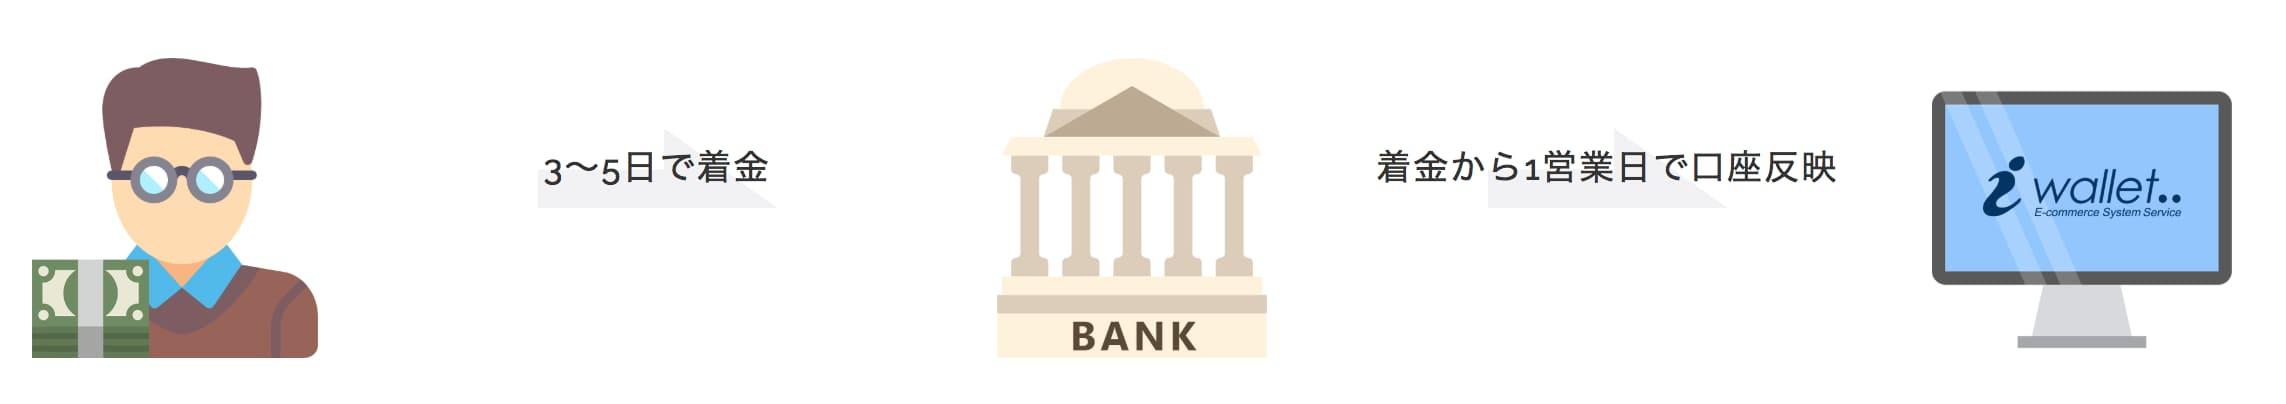 iwallet-bank-deposit